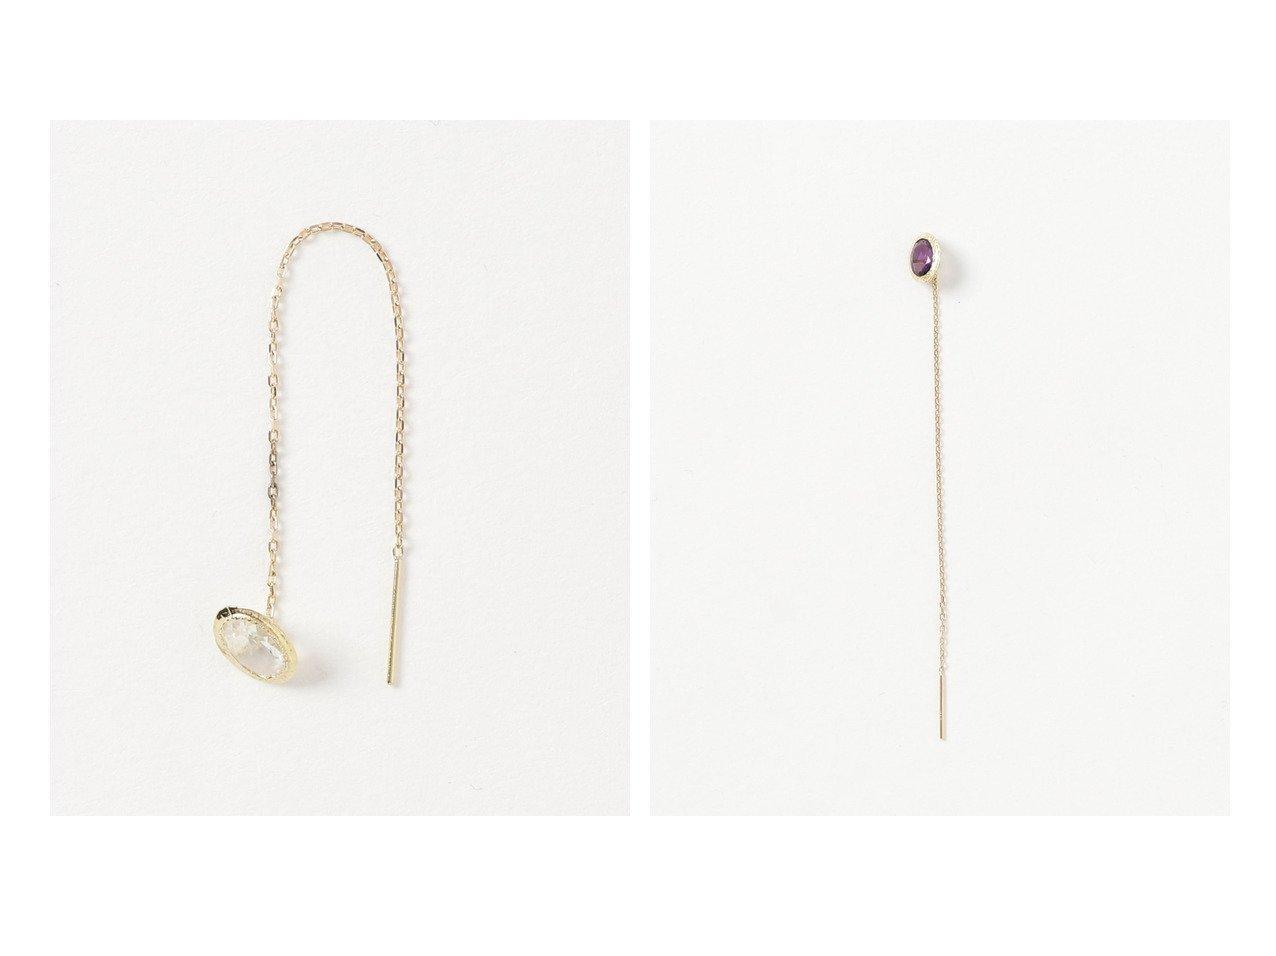 【GIGI/ジジ】のPierced earring (Single) おすすめ!人気、トレンド・レディースファッションの通販 おすすめで人気の流行・トレンド、ファッションの通販商品 メンズファッション・キッズファッション・インテリア・家具・レディースファッション・服の通販 founy(ファニー) https://founy.com/ ファッション Fashion レディースファッション WOMEN ジュエリー Jewelry リング Rings イヤリング Earrings ジュエリー フォルム 再入荷 Restock/Back in Stock/Re Arrival |ID:crp329100000012715